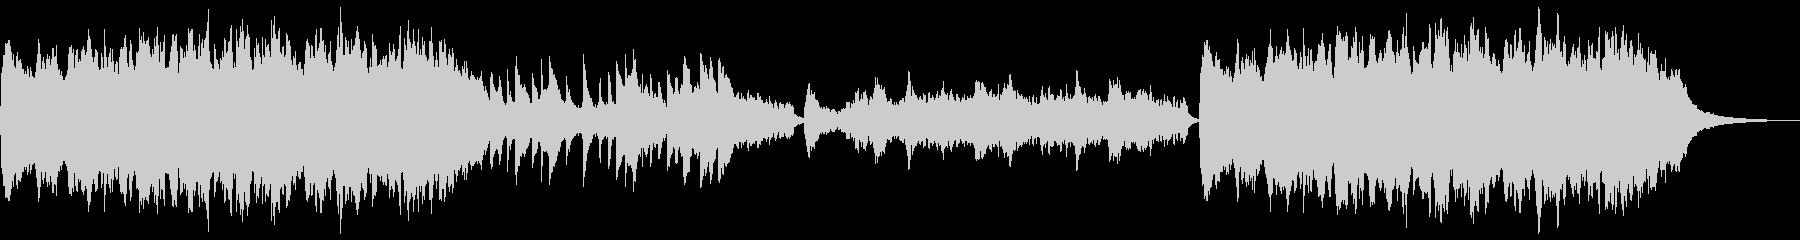 静かな雰囲気のBGMの未再生の波形